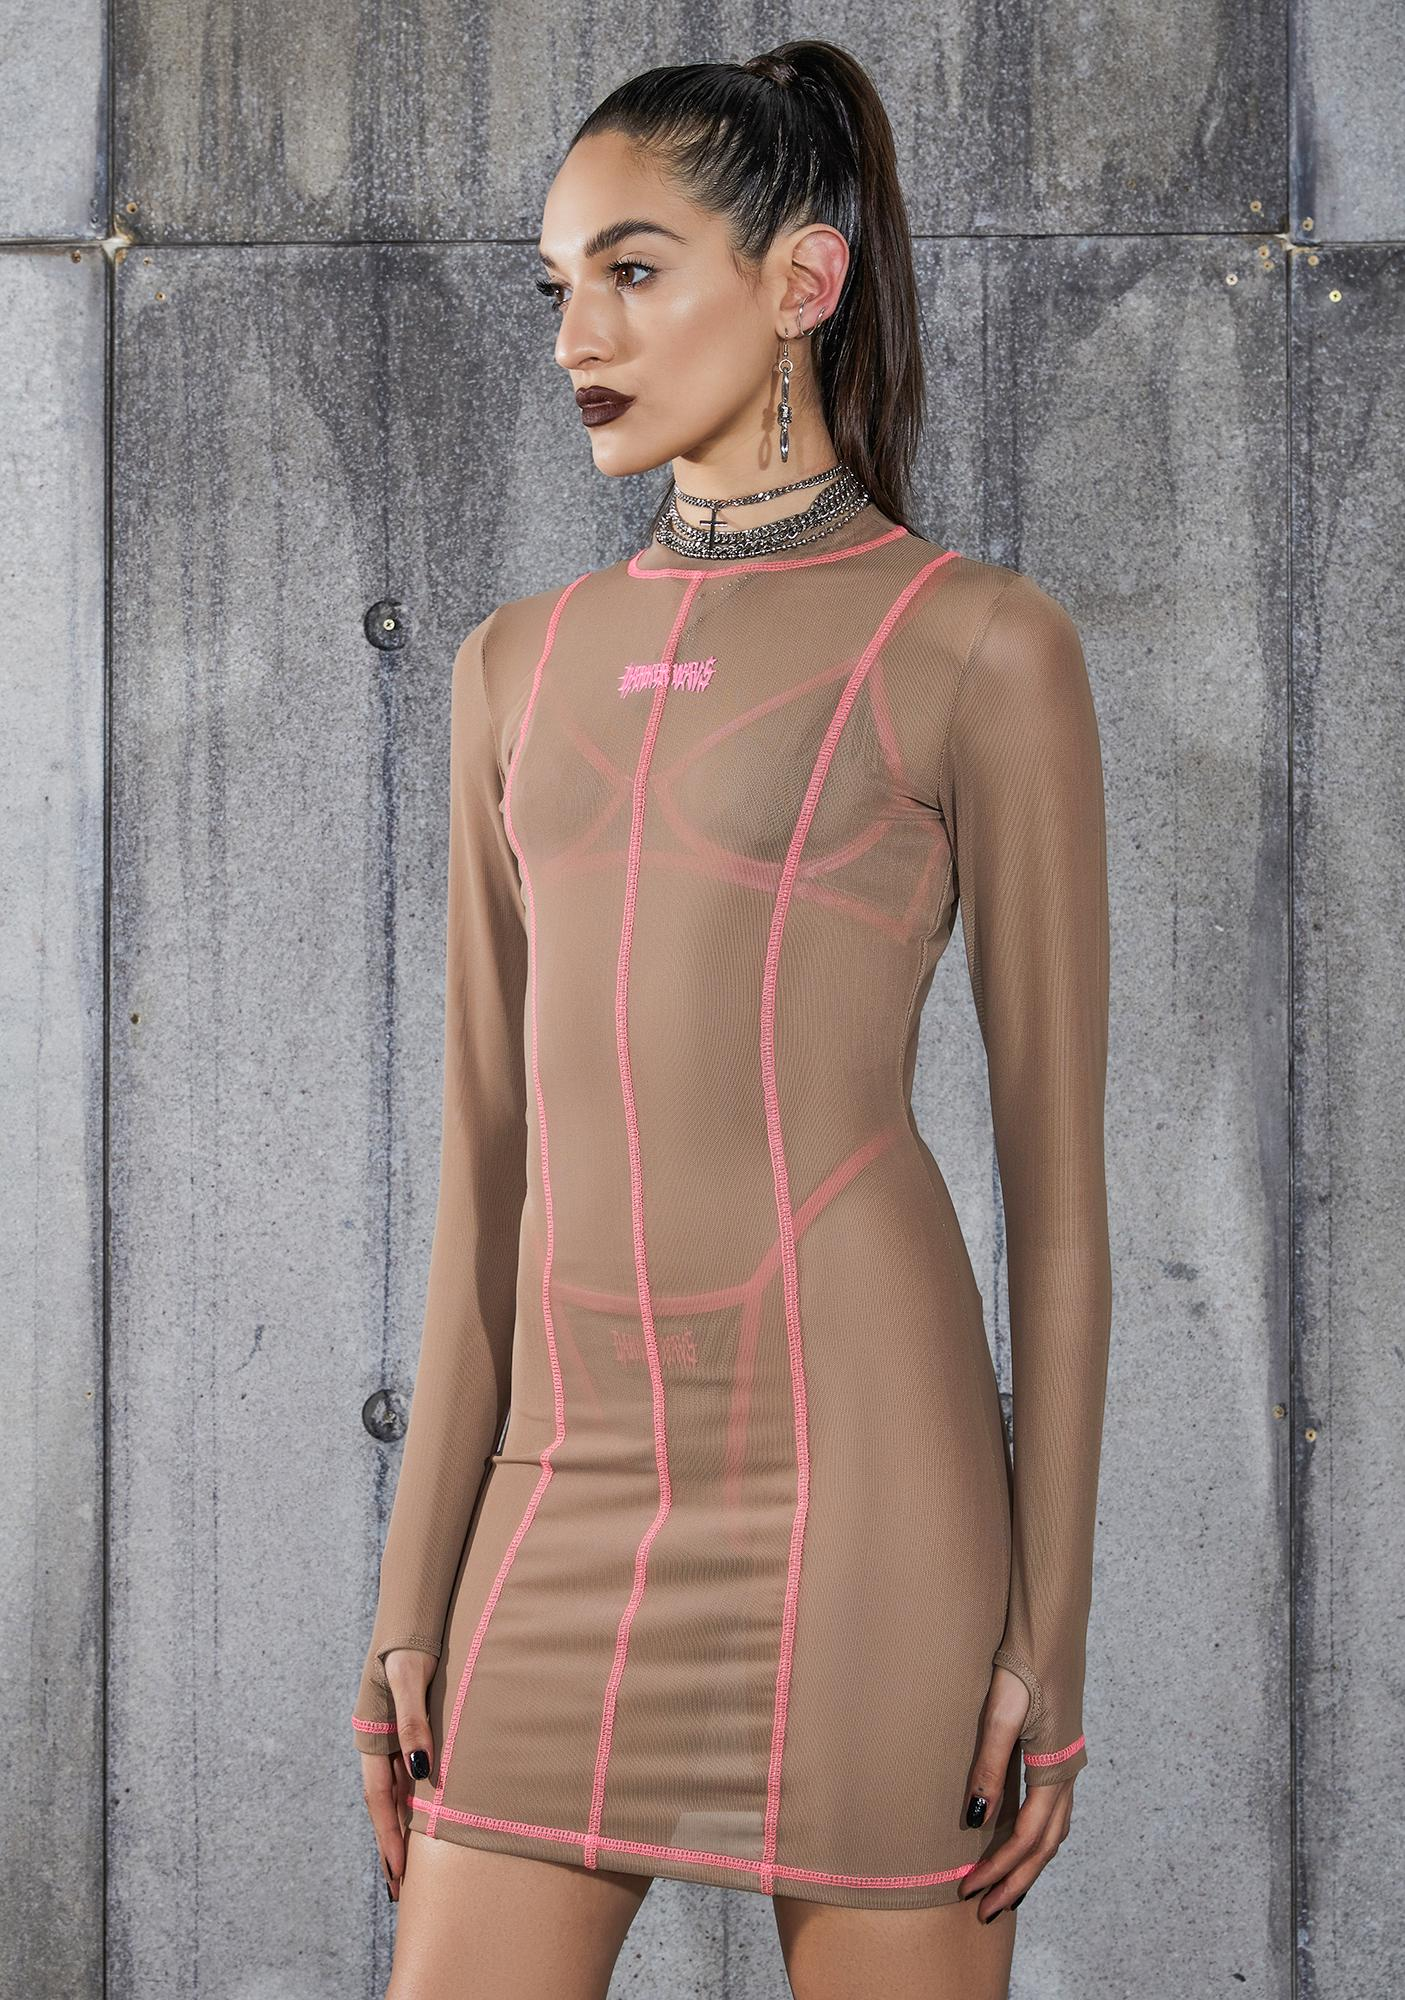 DARKER WAVS Snare Nude Mesh Bodycon Dress